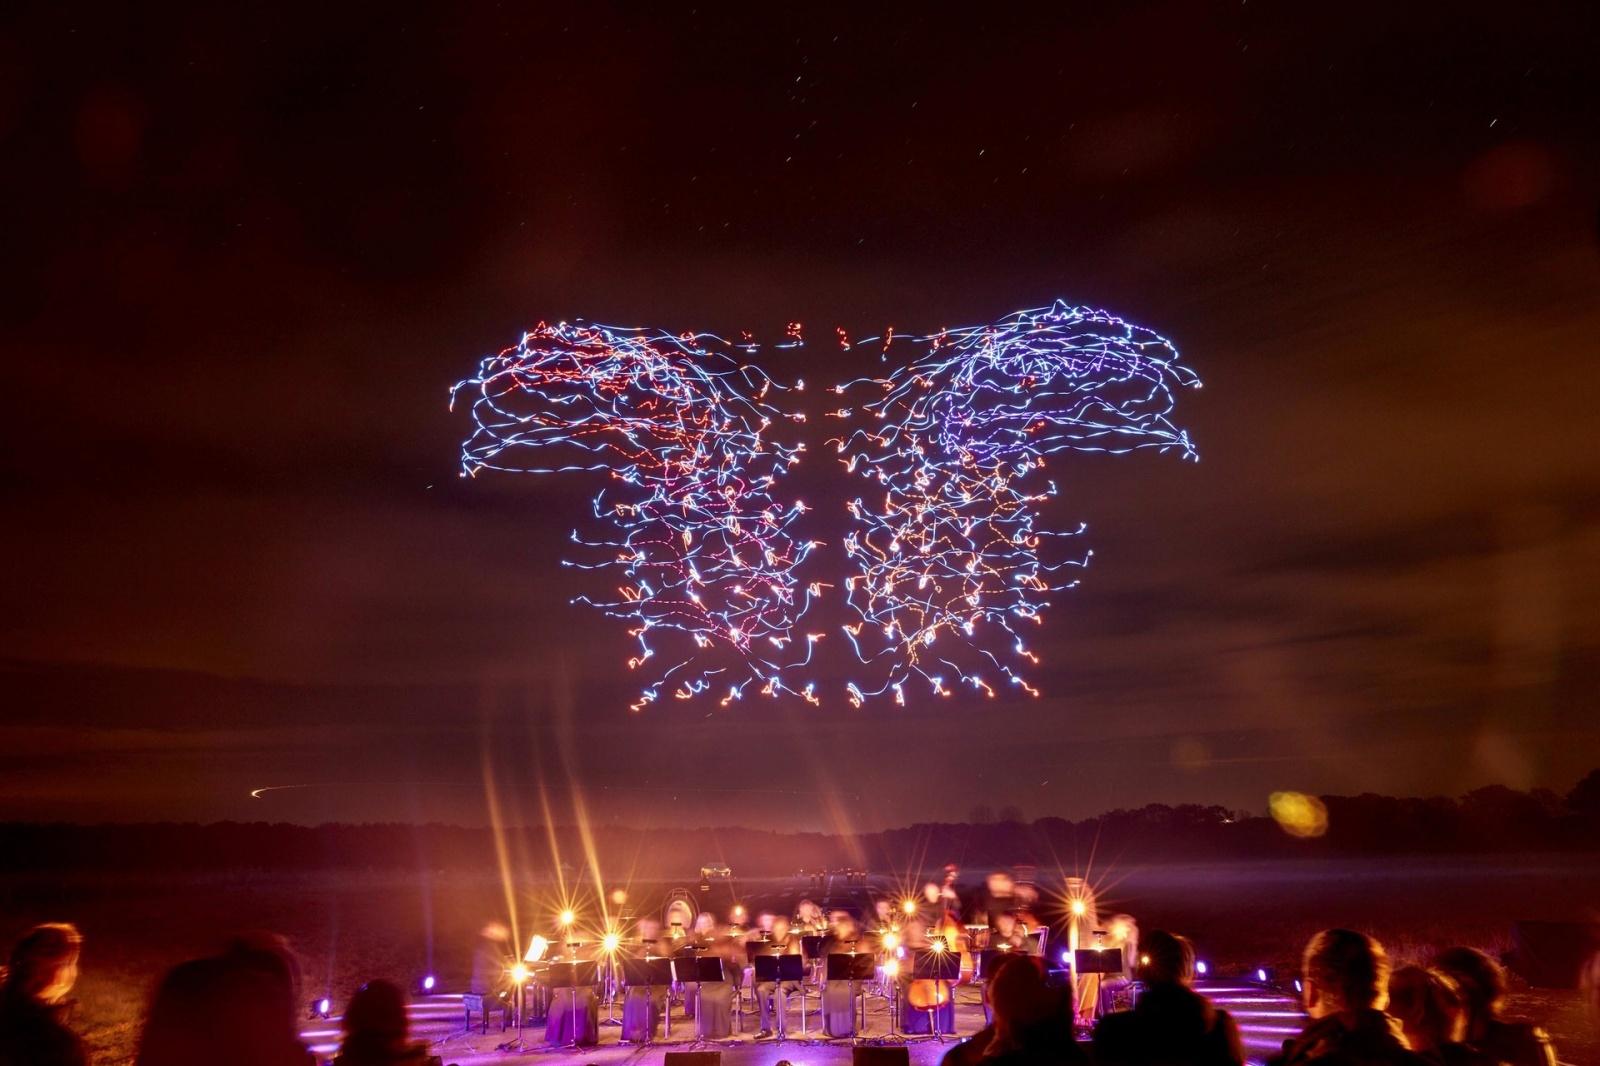 100 танцующих дронов установили новый и единственный в своем роде мировой рекорд: невероятное световое шоу - 1